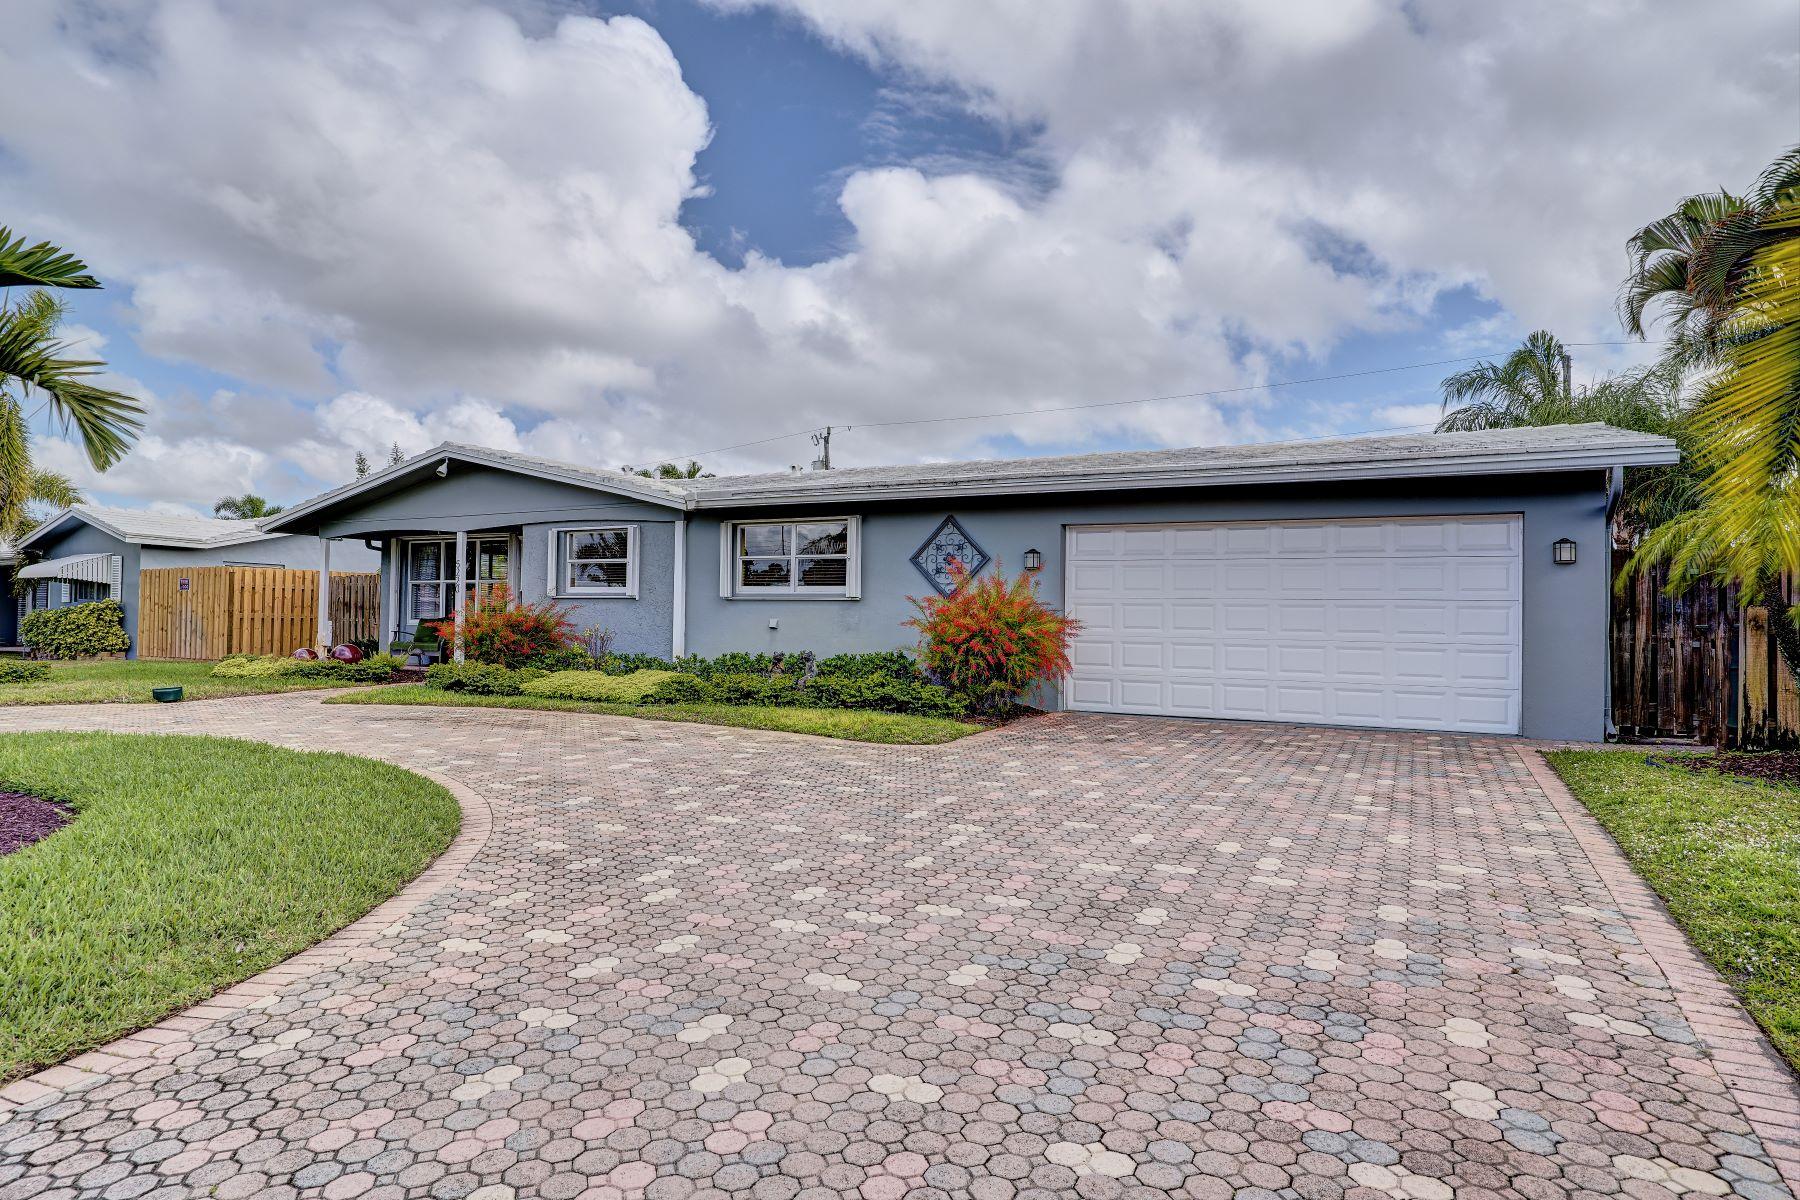 独户住宅 为 销售 在 5220 Ne 17th Ave 劳德代尔堡, 佛罗里达州, 33334 美国